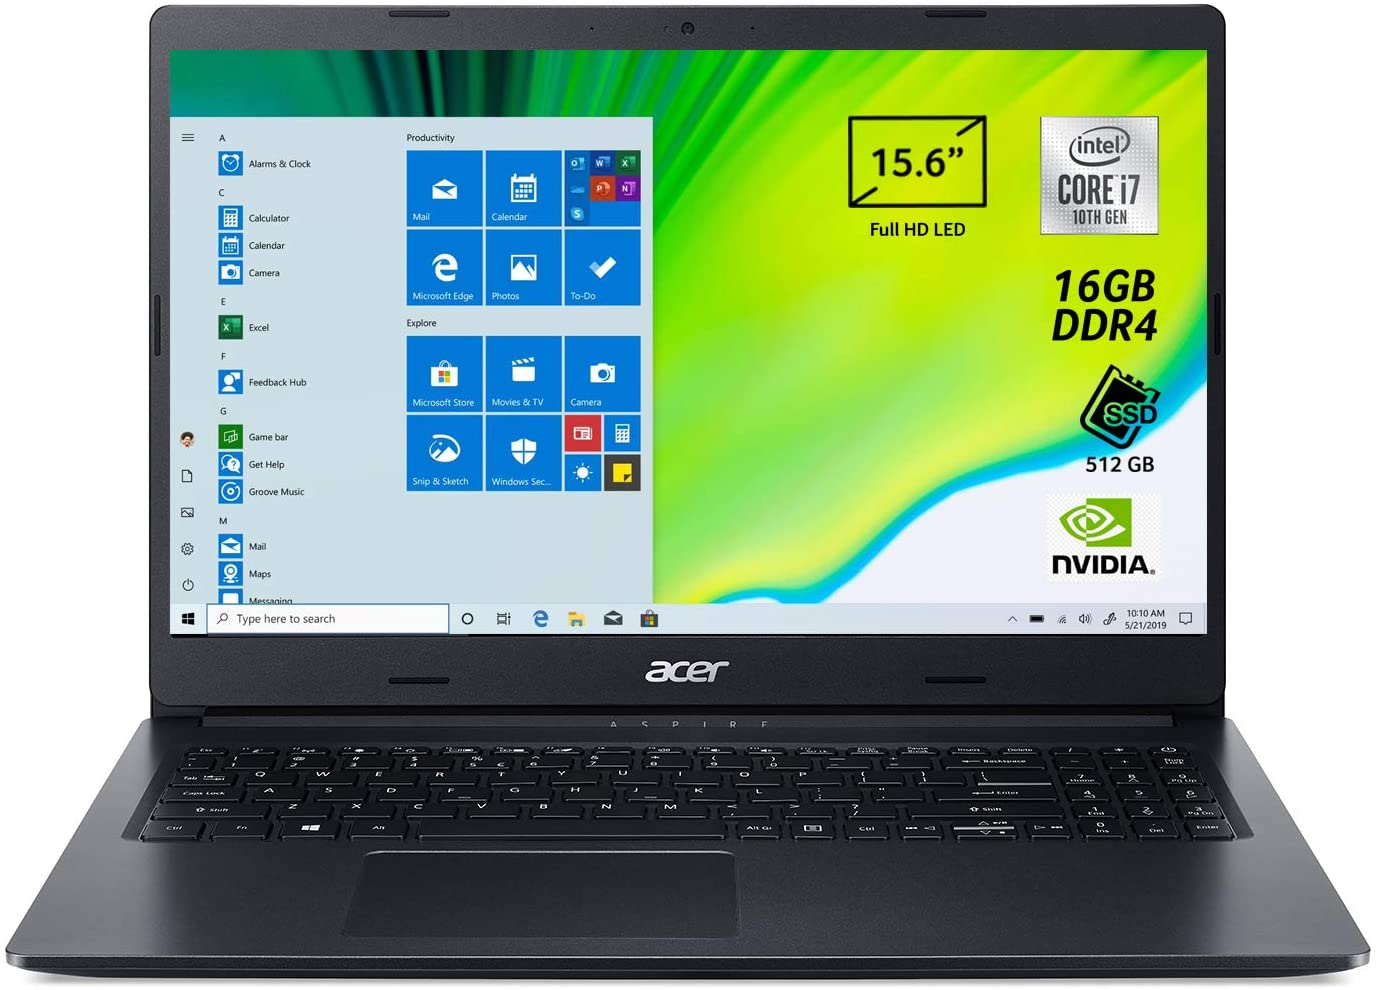 Acer Aspire 3 amazon